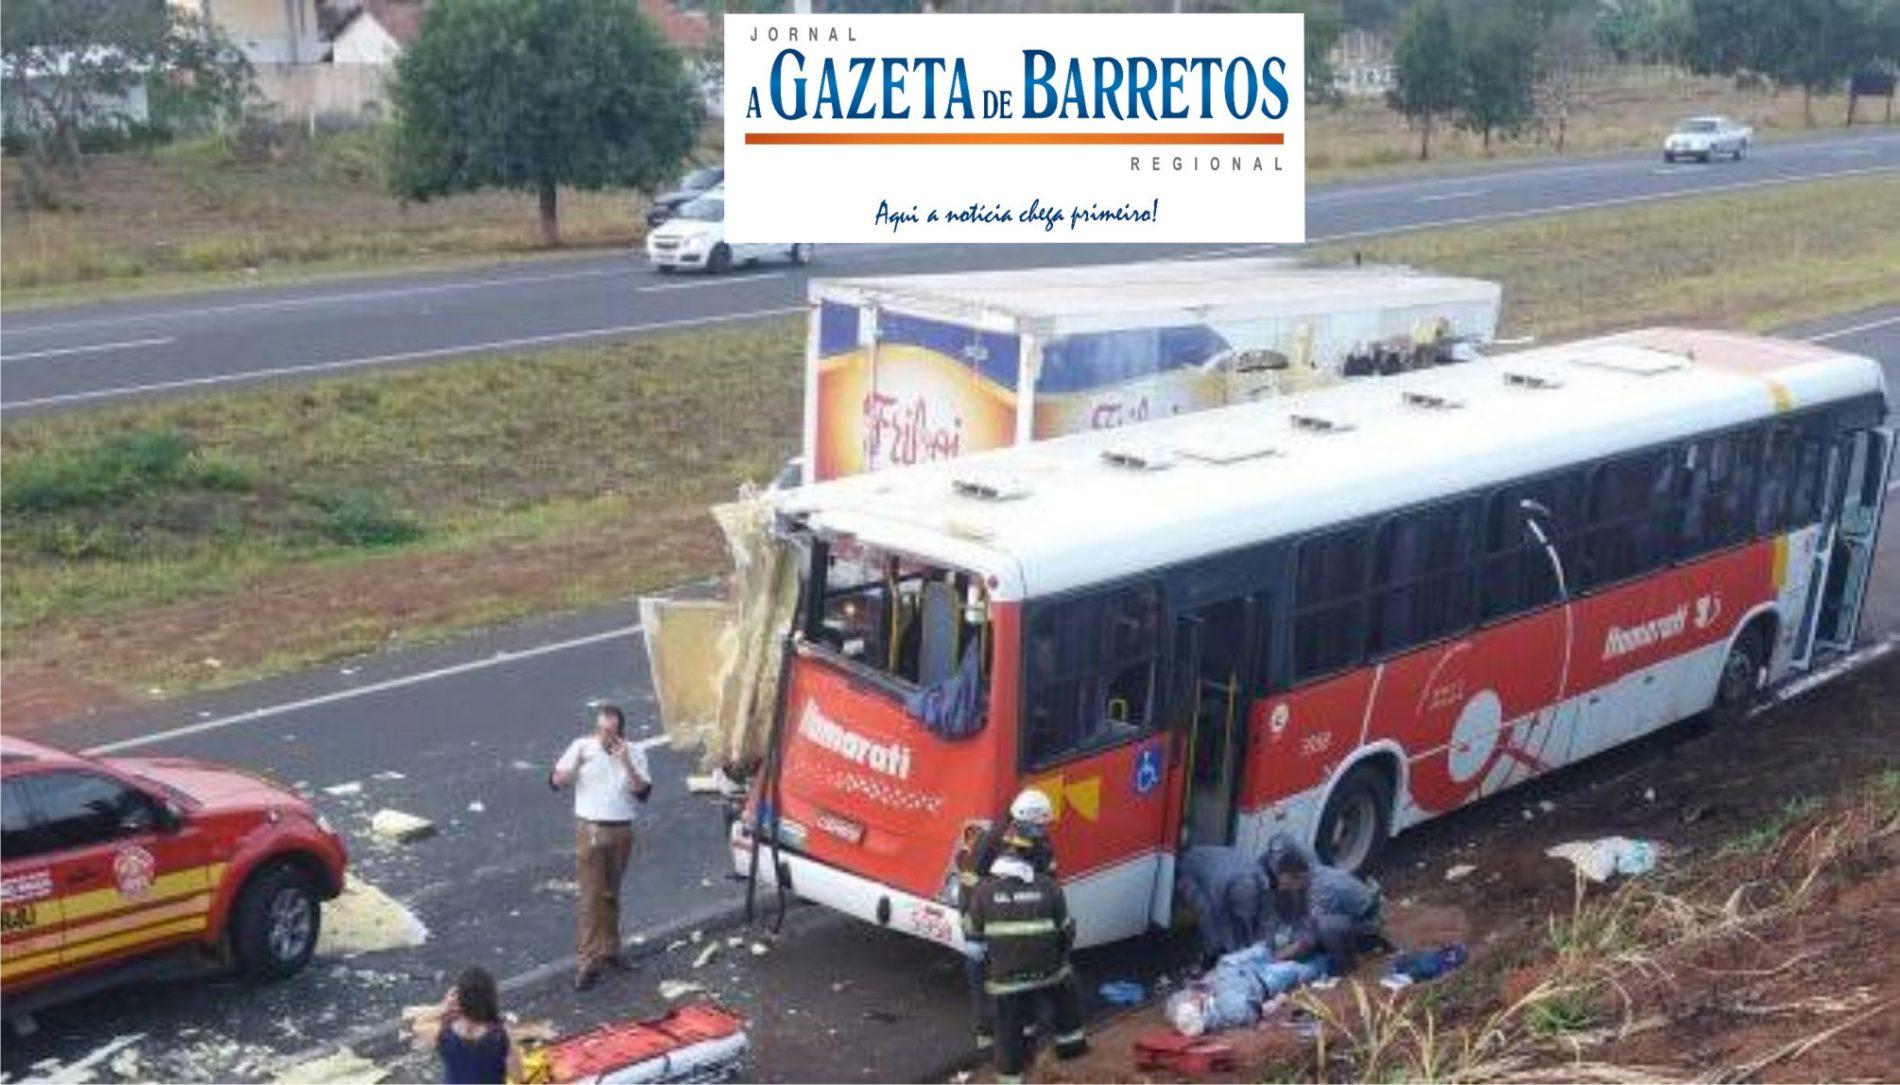 Acidente com ônibus deixa 5 feridos na Assis Chateaubriand